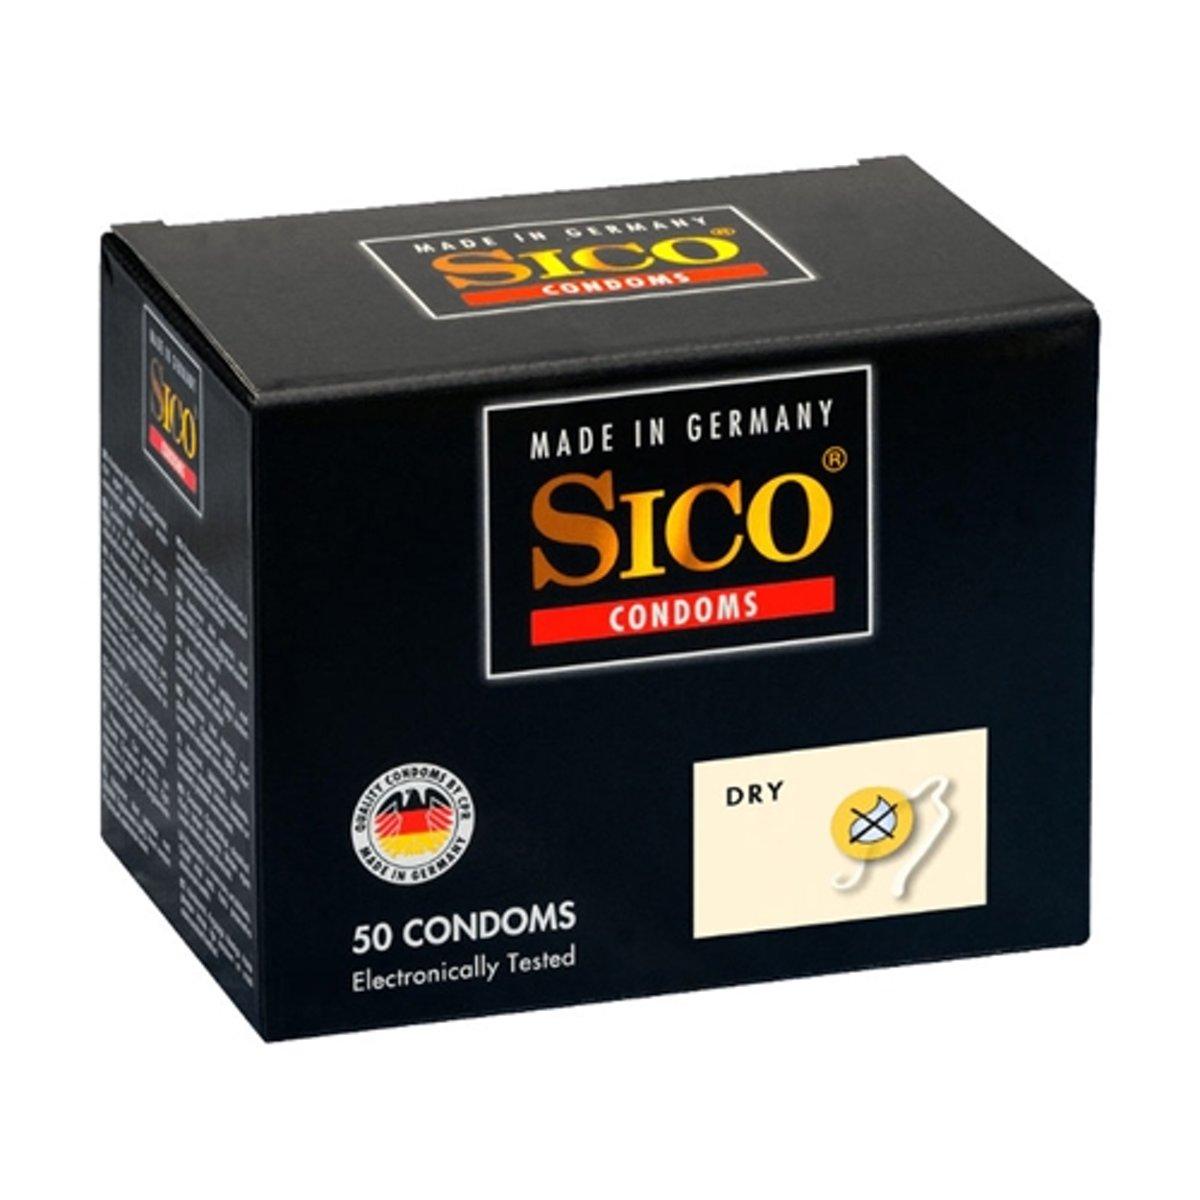 Sico Dry Condooms